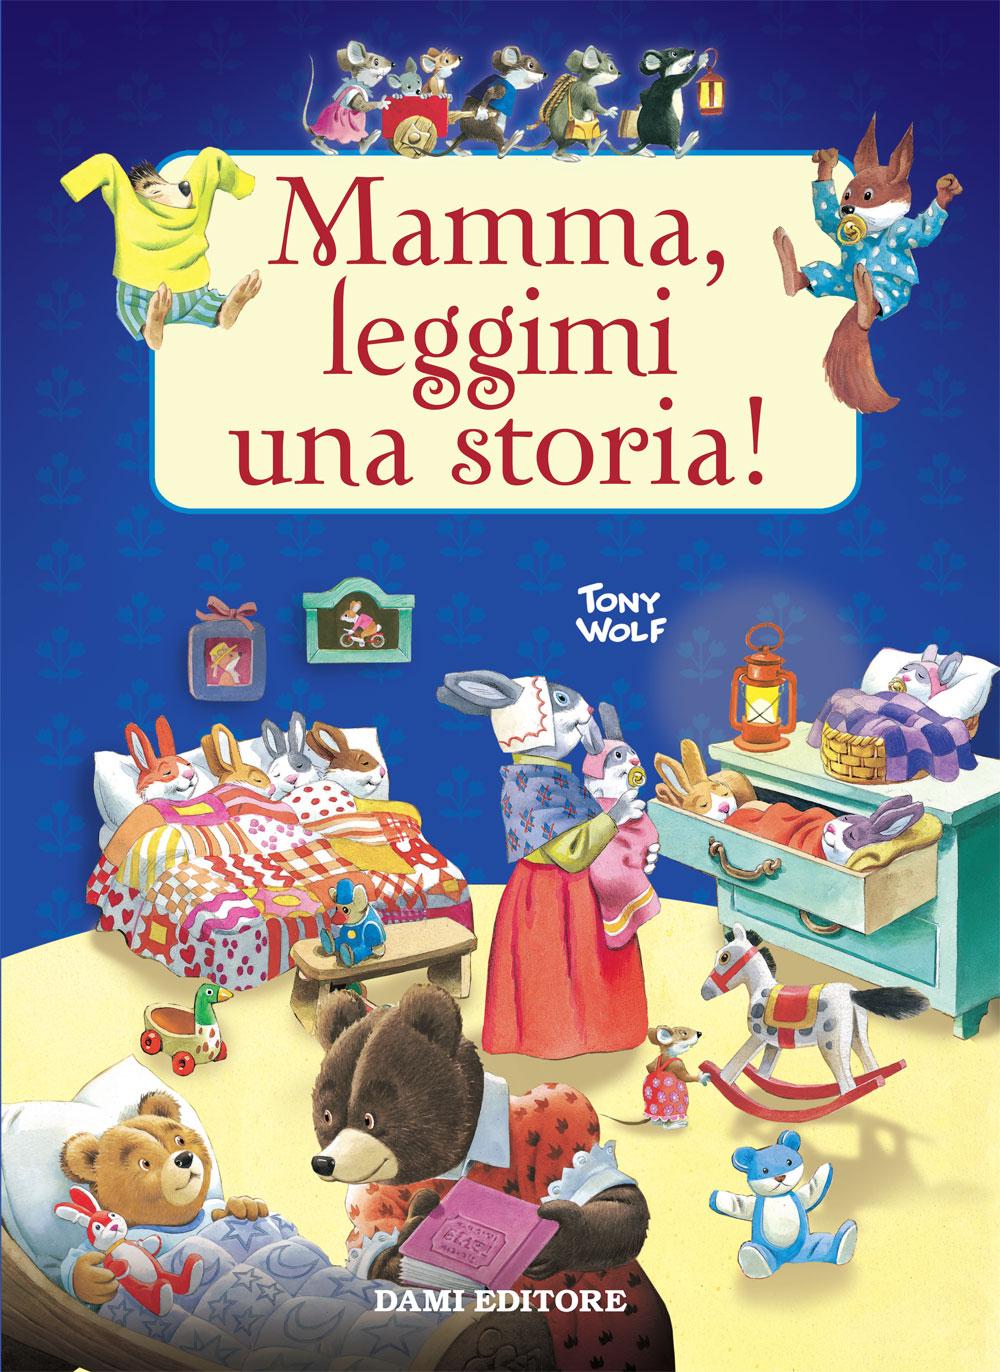 Mamma leggimi una storia!